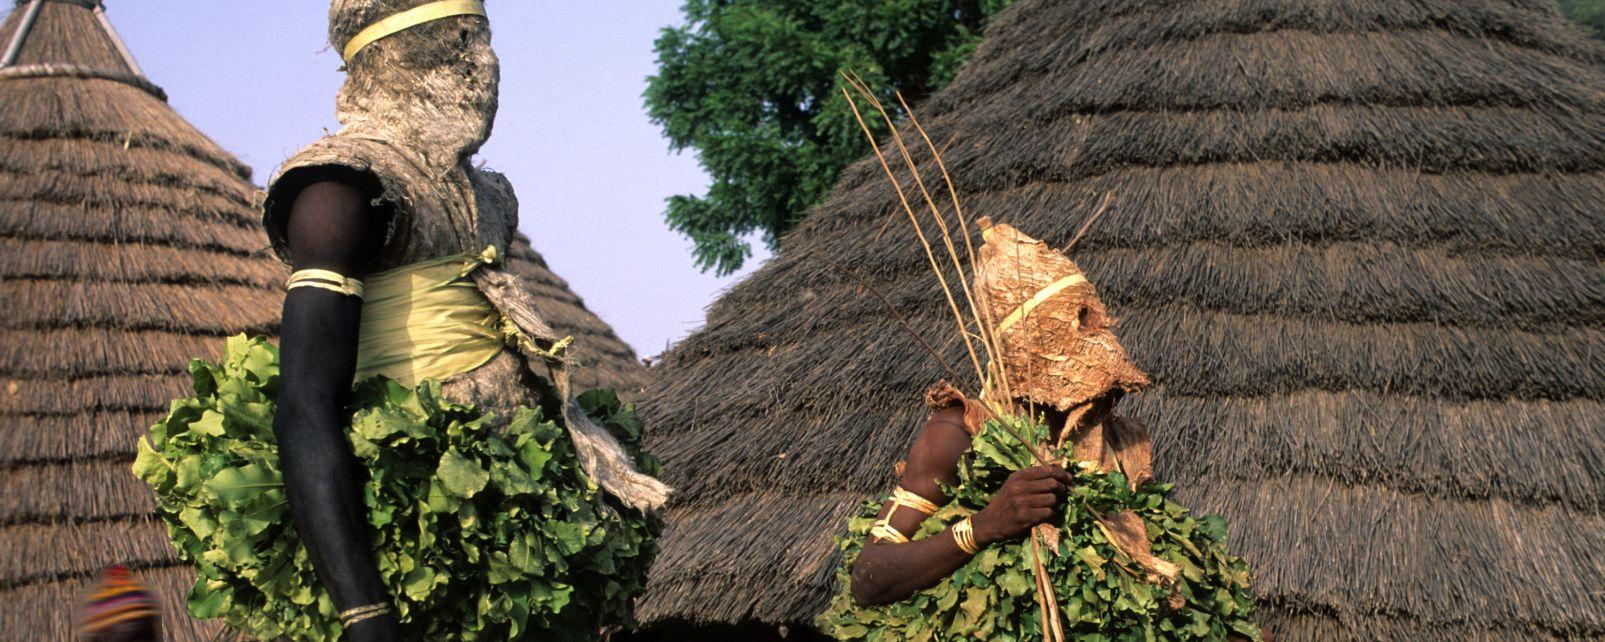 Das Bassari-Volk, Le pays Bassari, Die Künste und die Kultur, Senegal